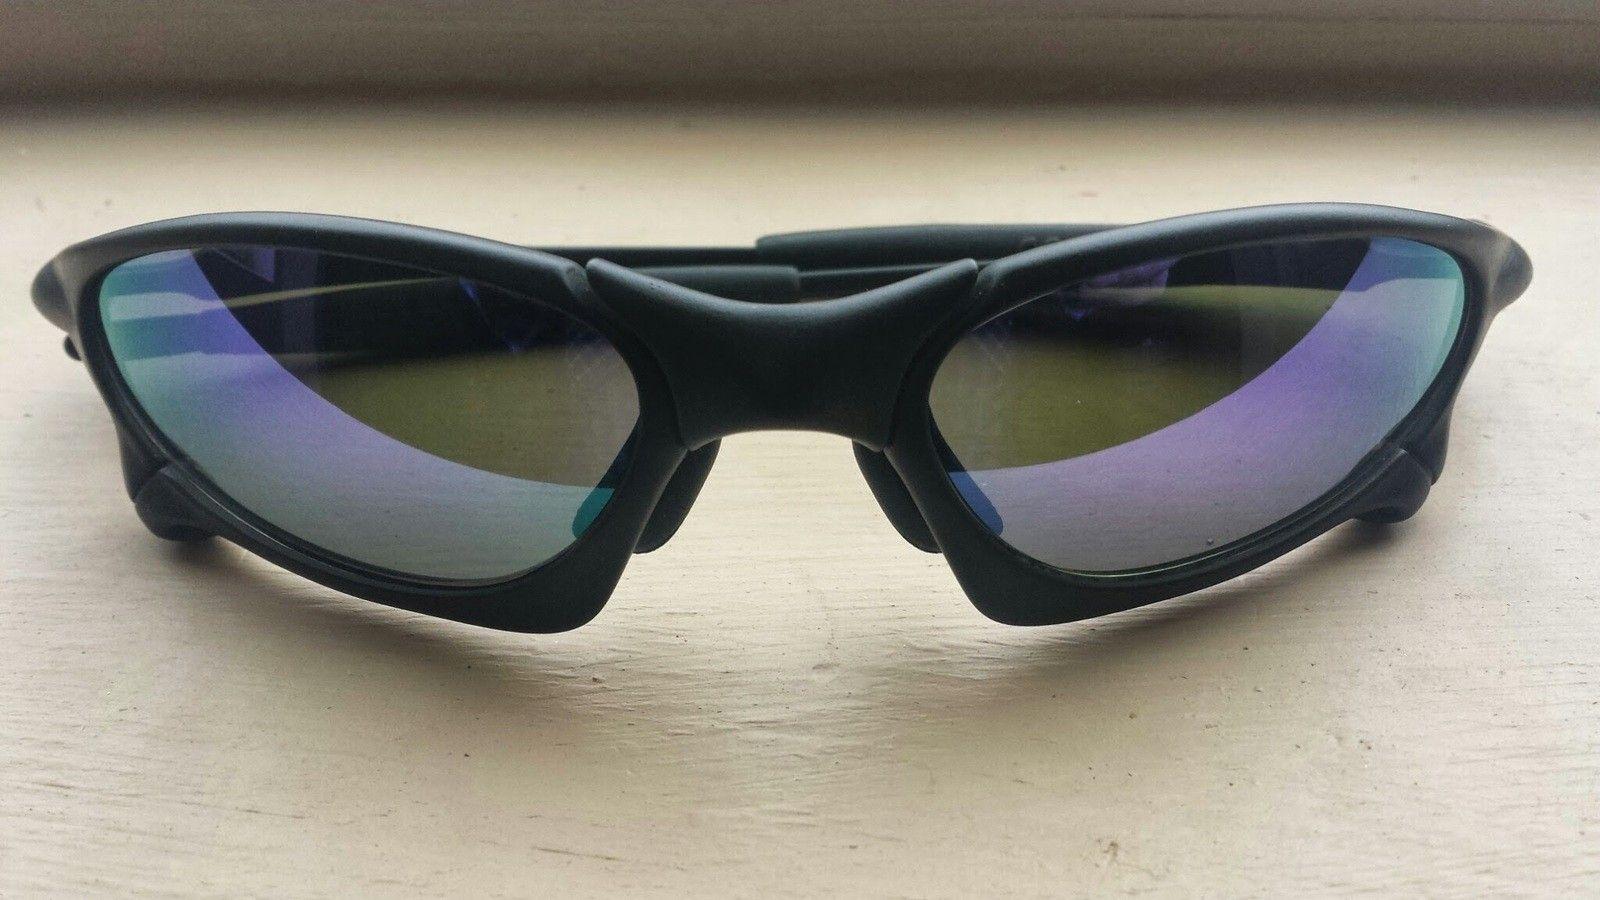 X-Man Custom Penny Sunglasses Matte Black Frame Violet Lenses - 20140407_114924.jpg